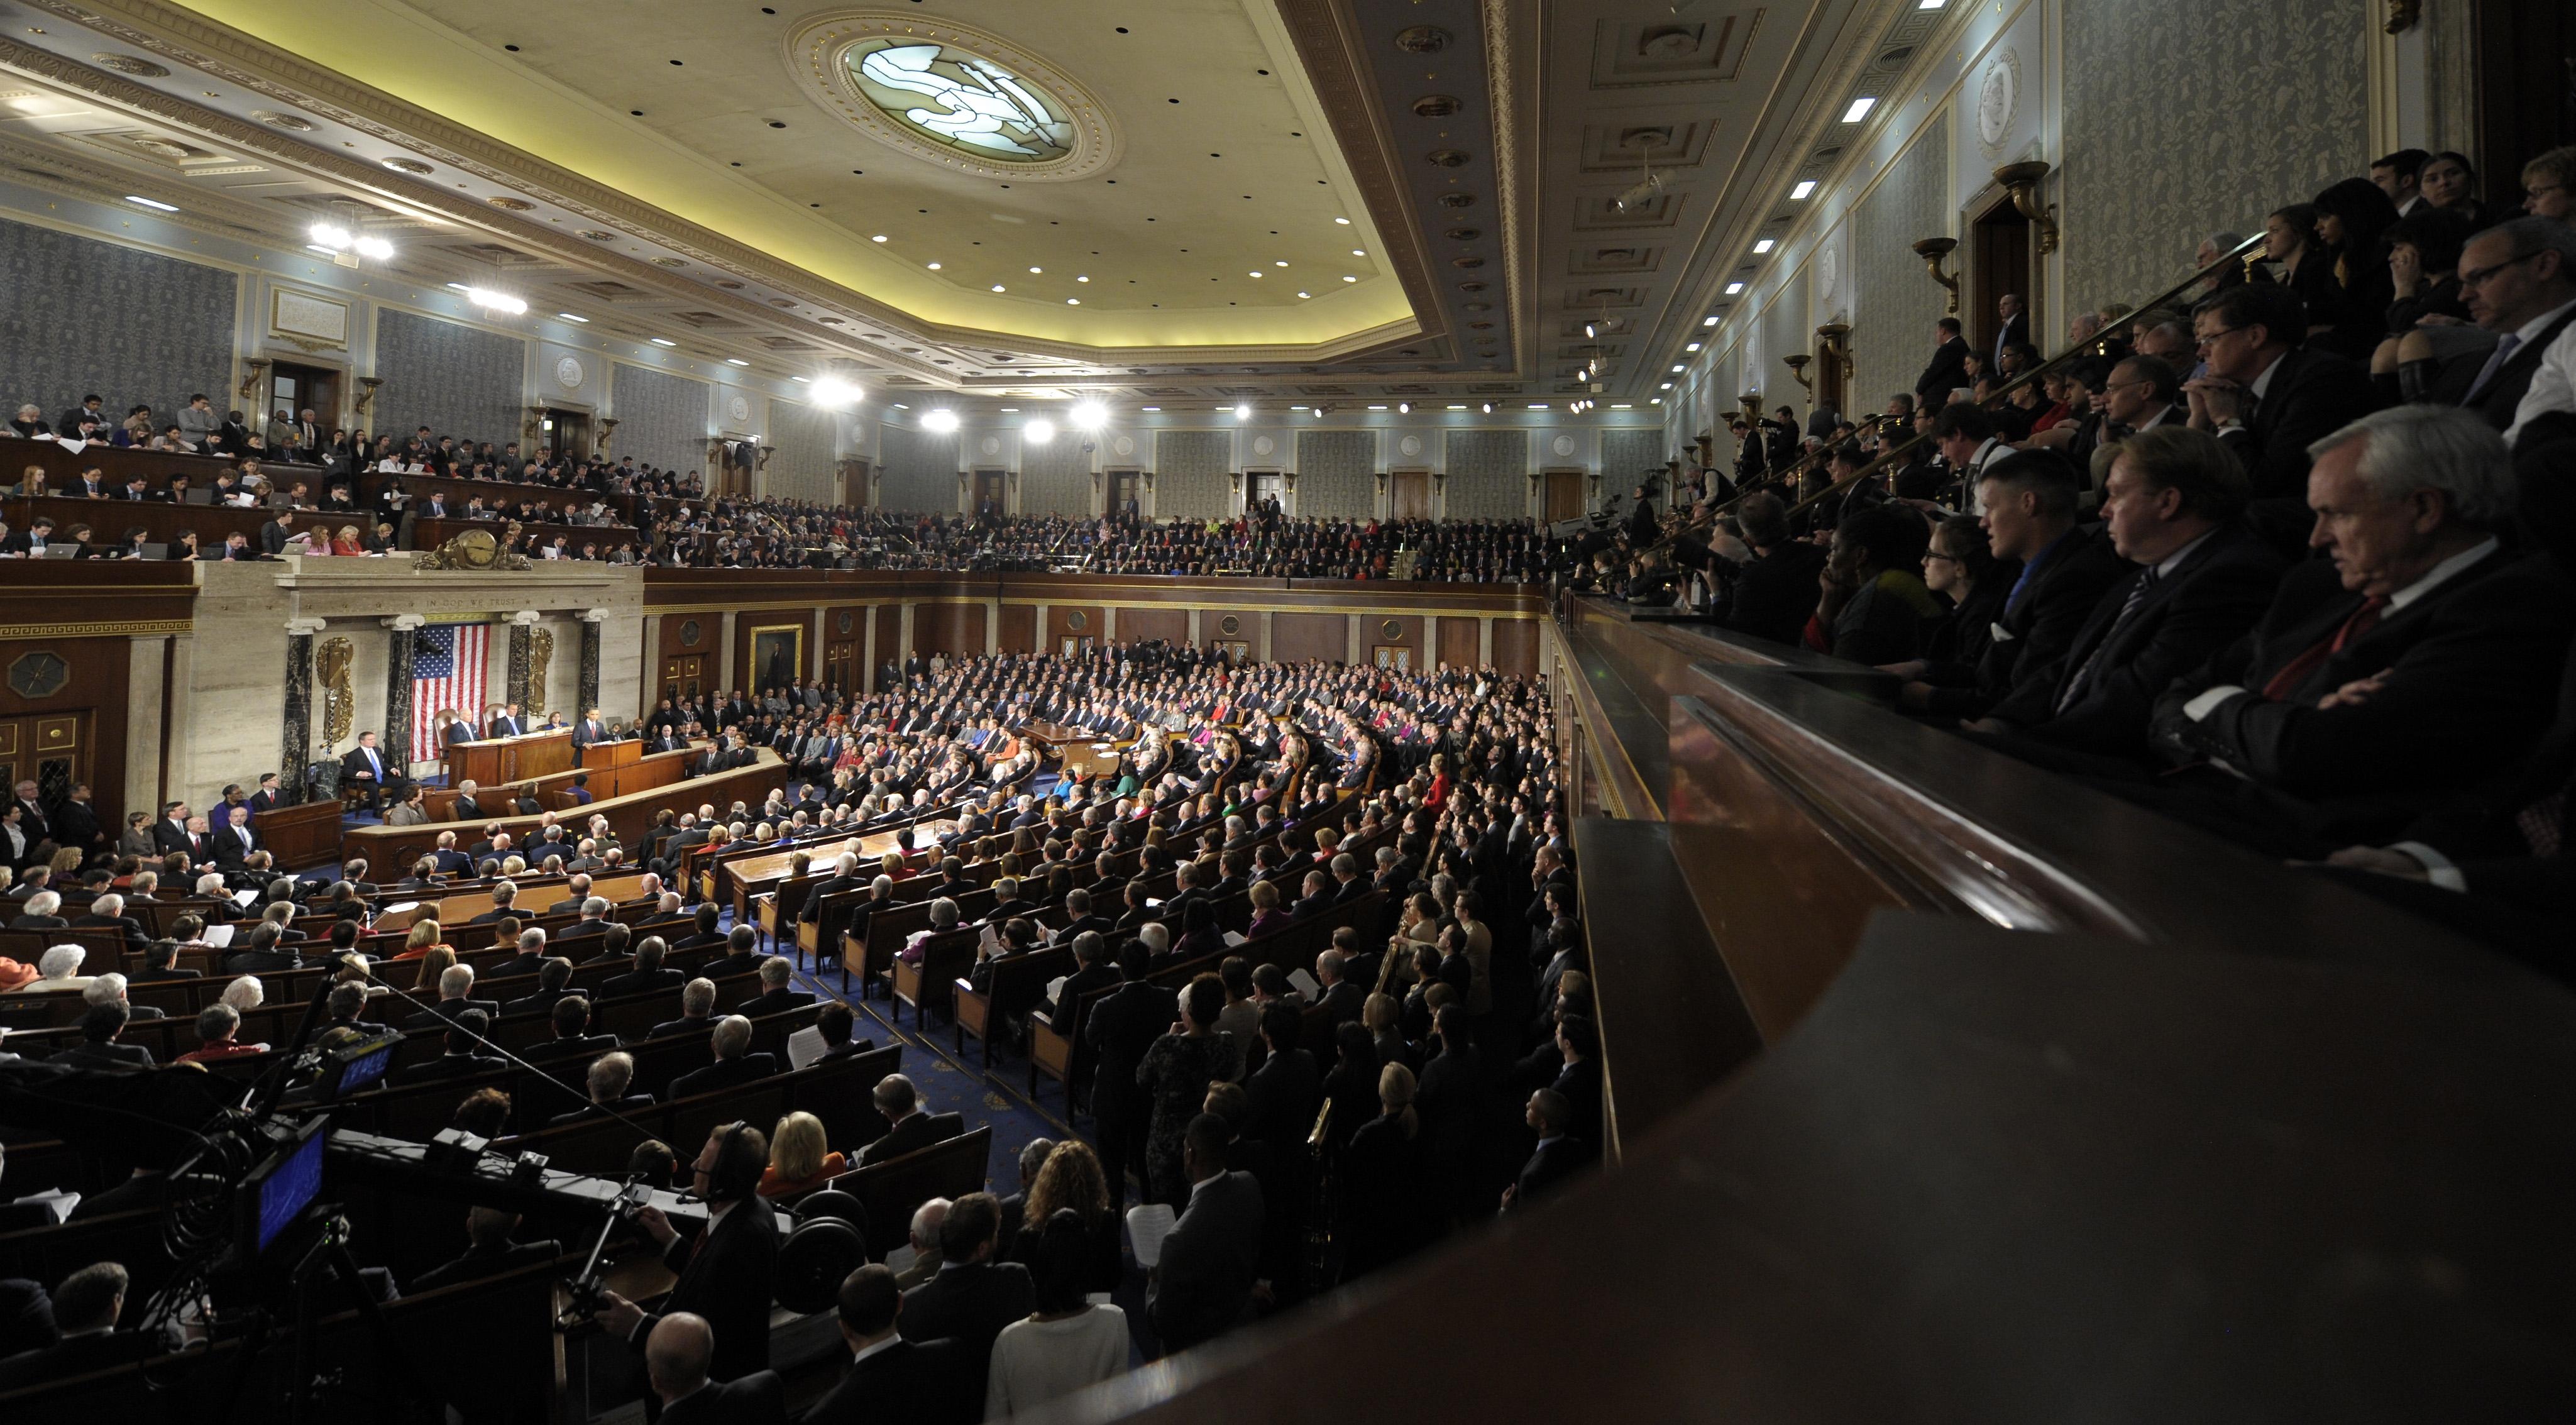 O presidente Obama discursando no Congresso (© AP Images)